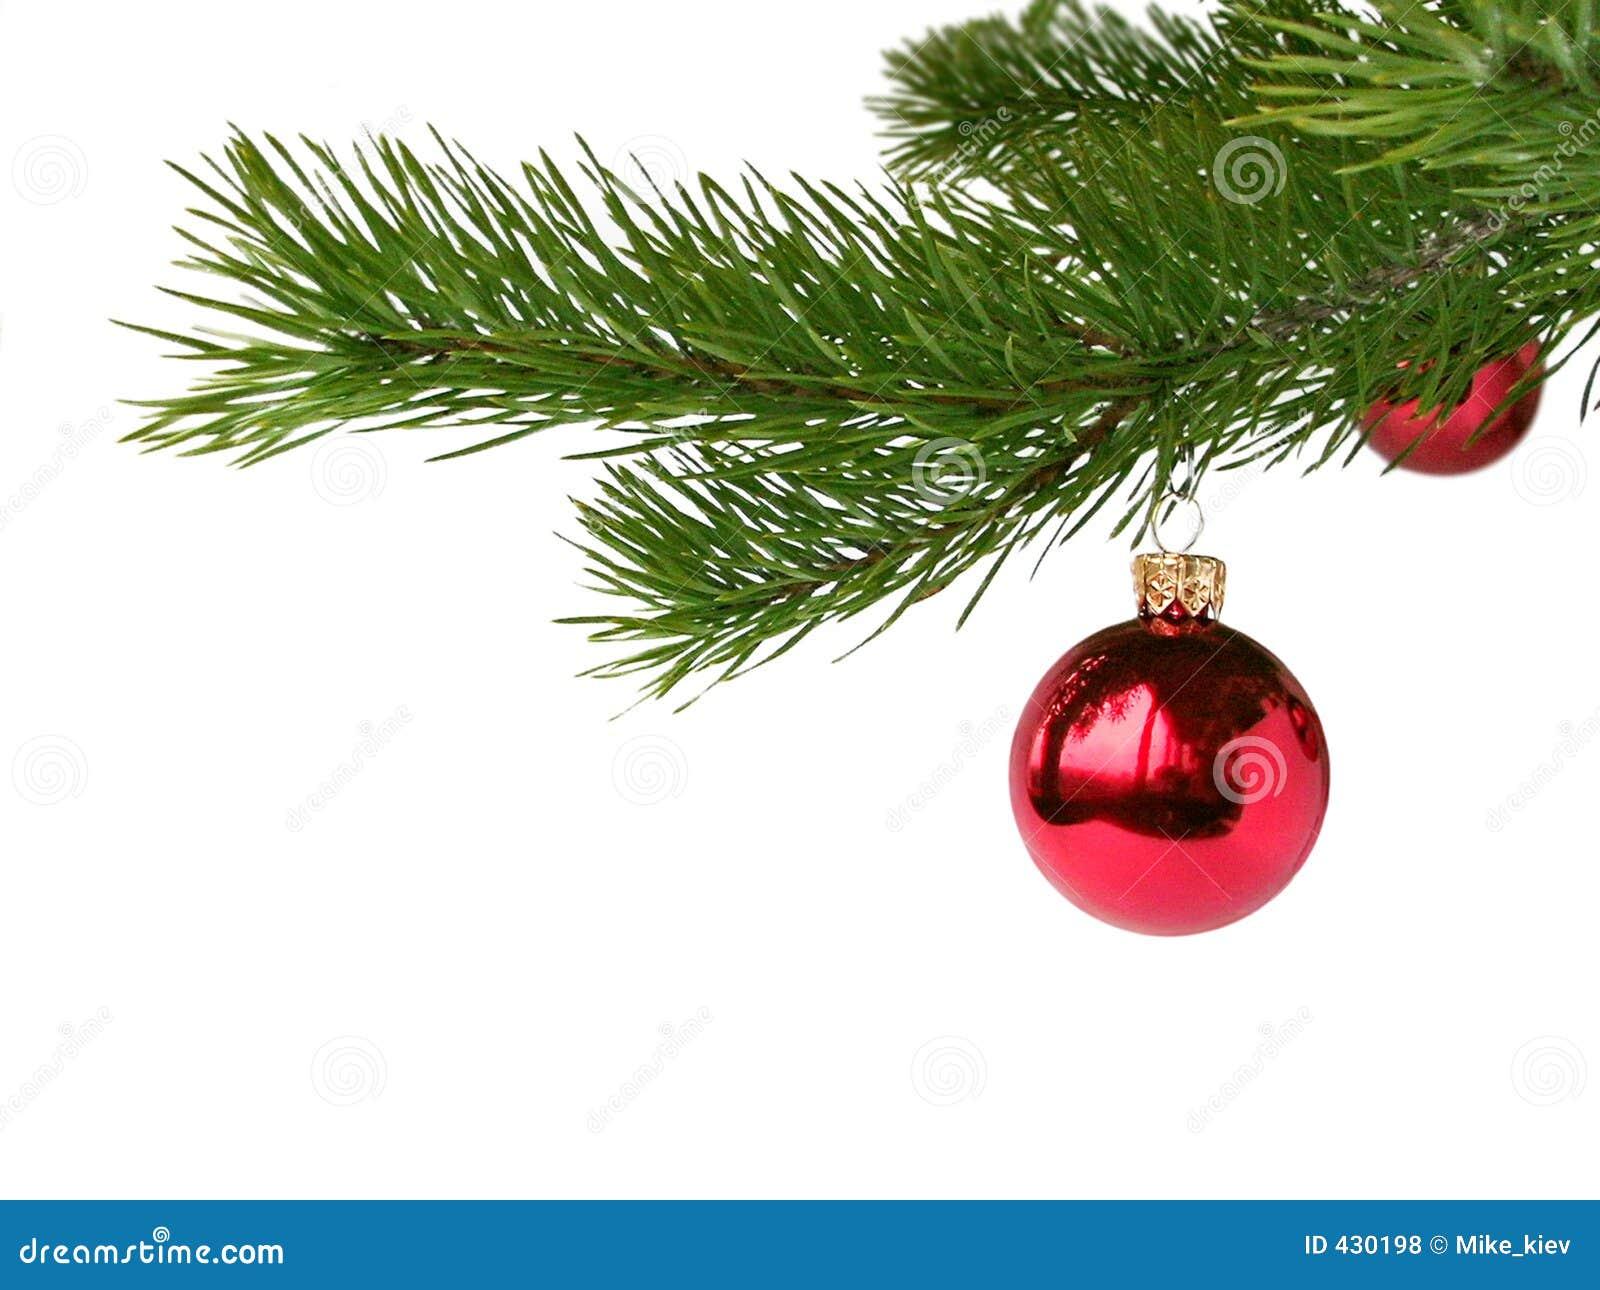 Rote weihnachtskugeln stockfoto bild von feiertag kiefer 430198 - Bilder weihnachtskugeln ...